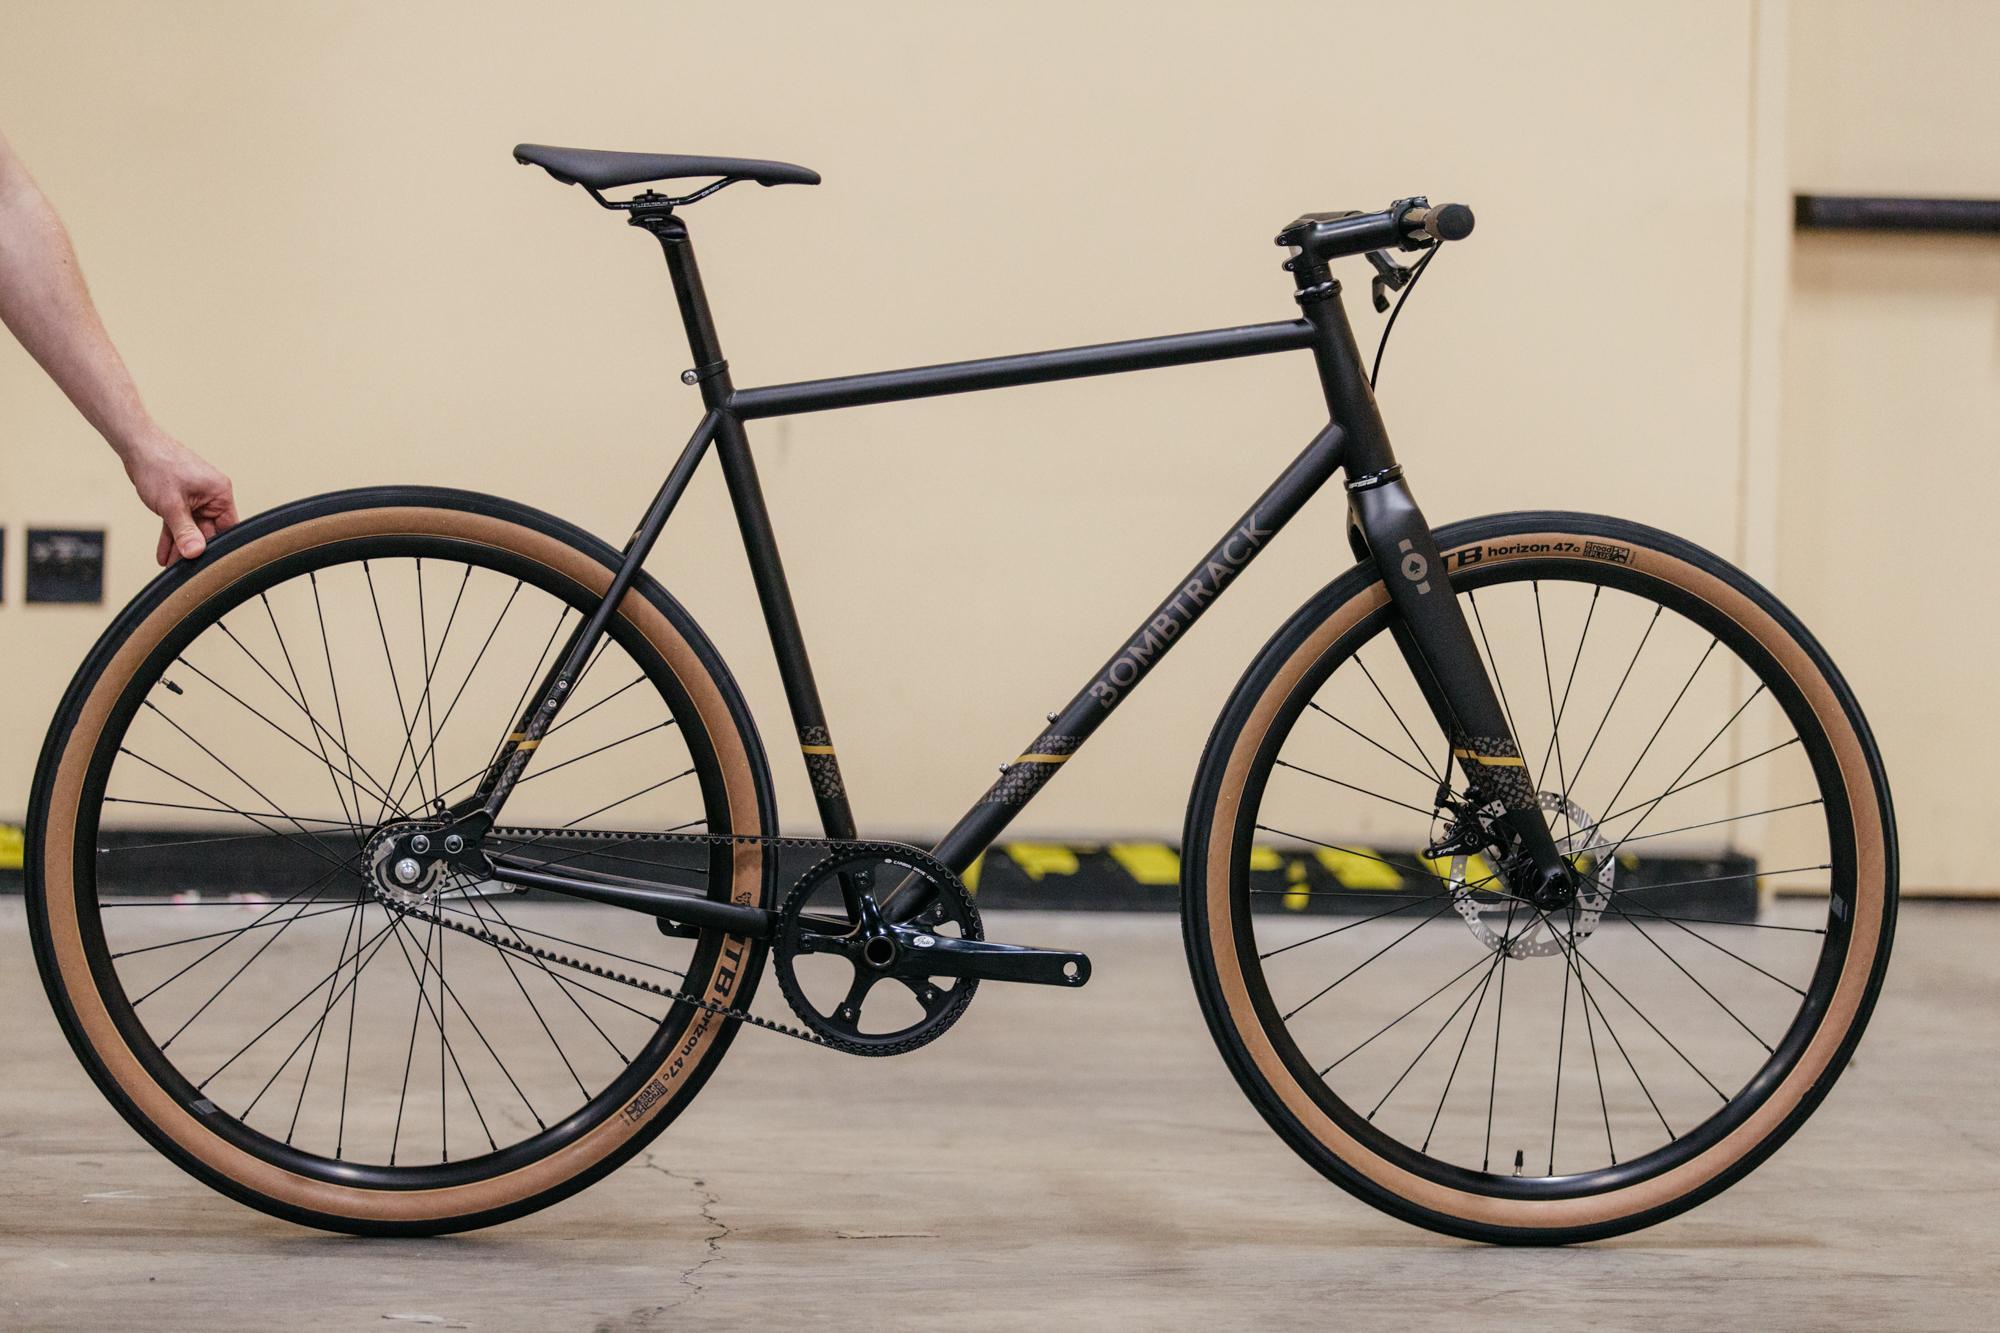 Bombtrack's Urban Racer-inspired city bike.